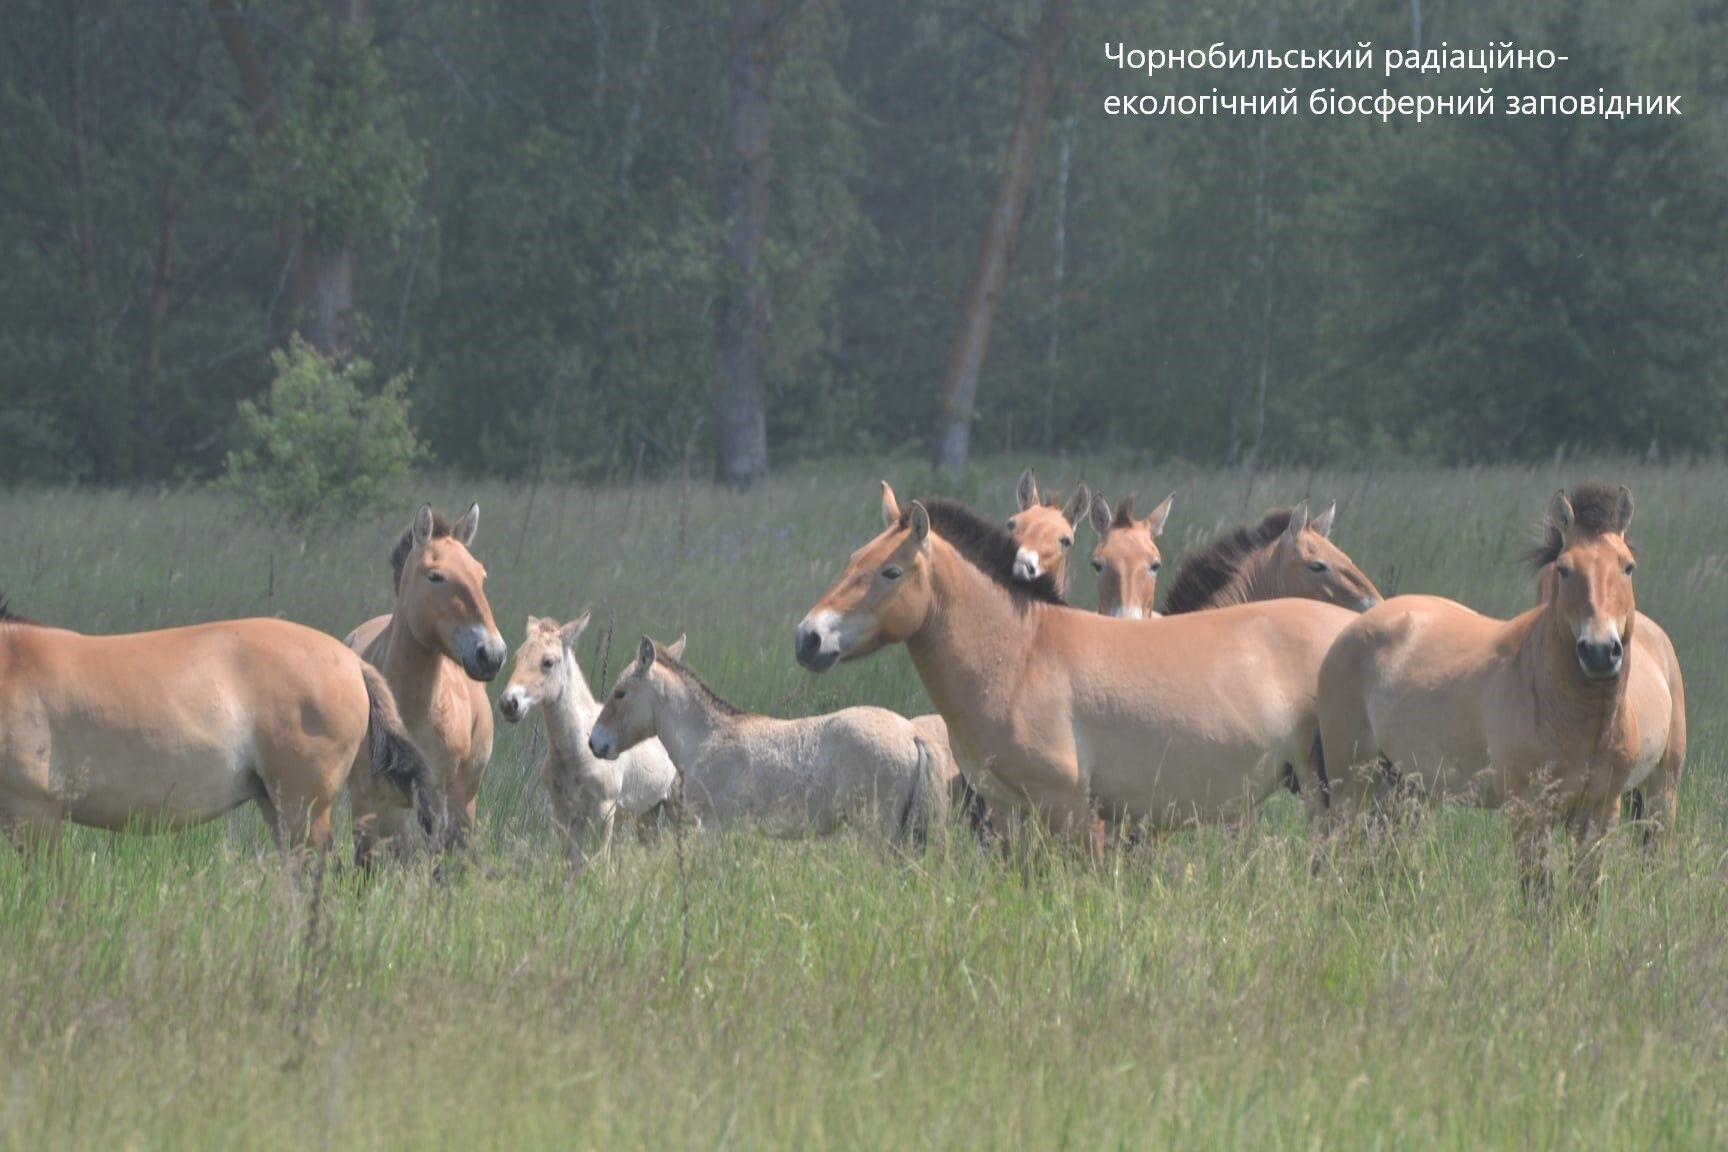 Чорнобильські коні Пржевальського з лошатами